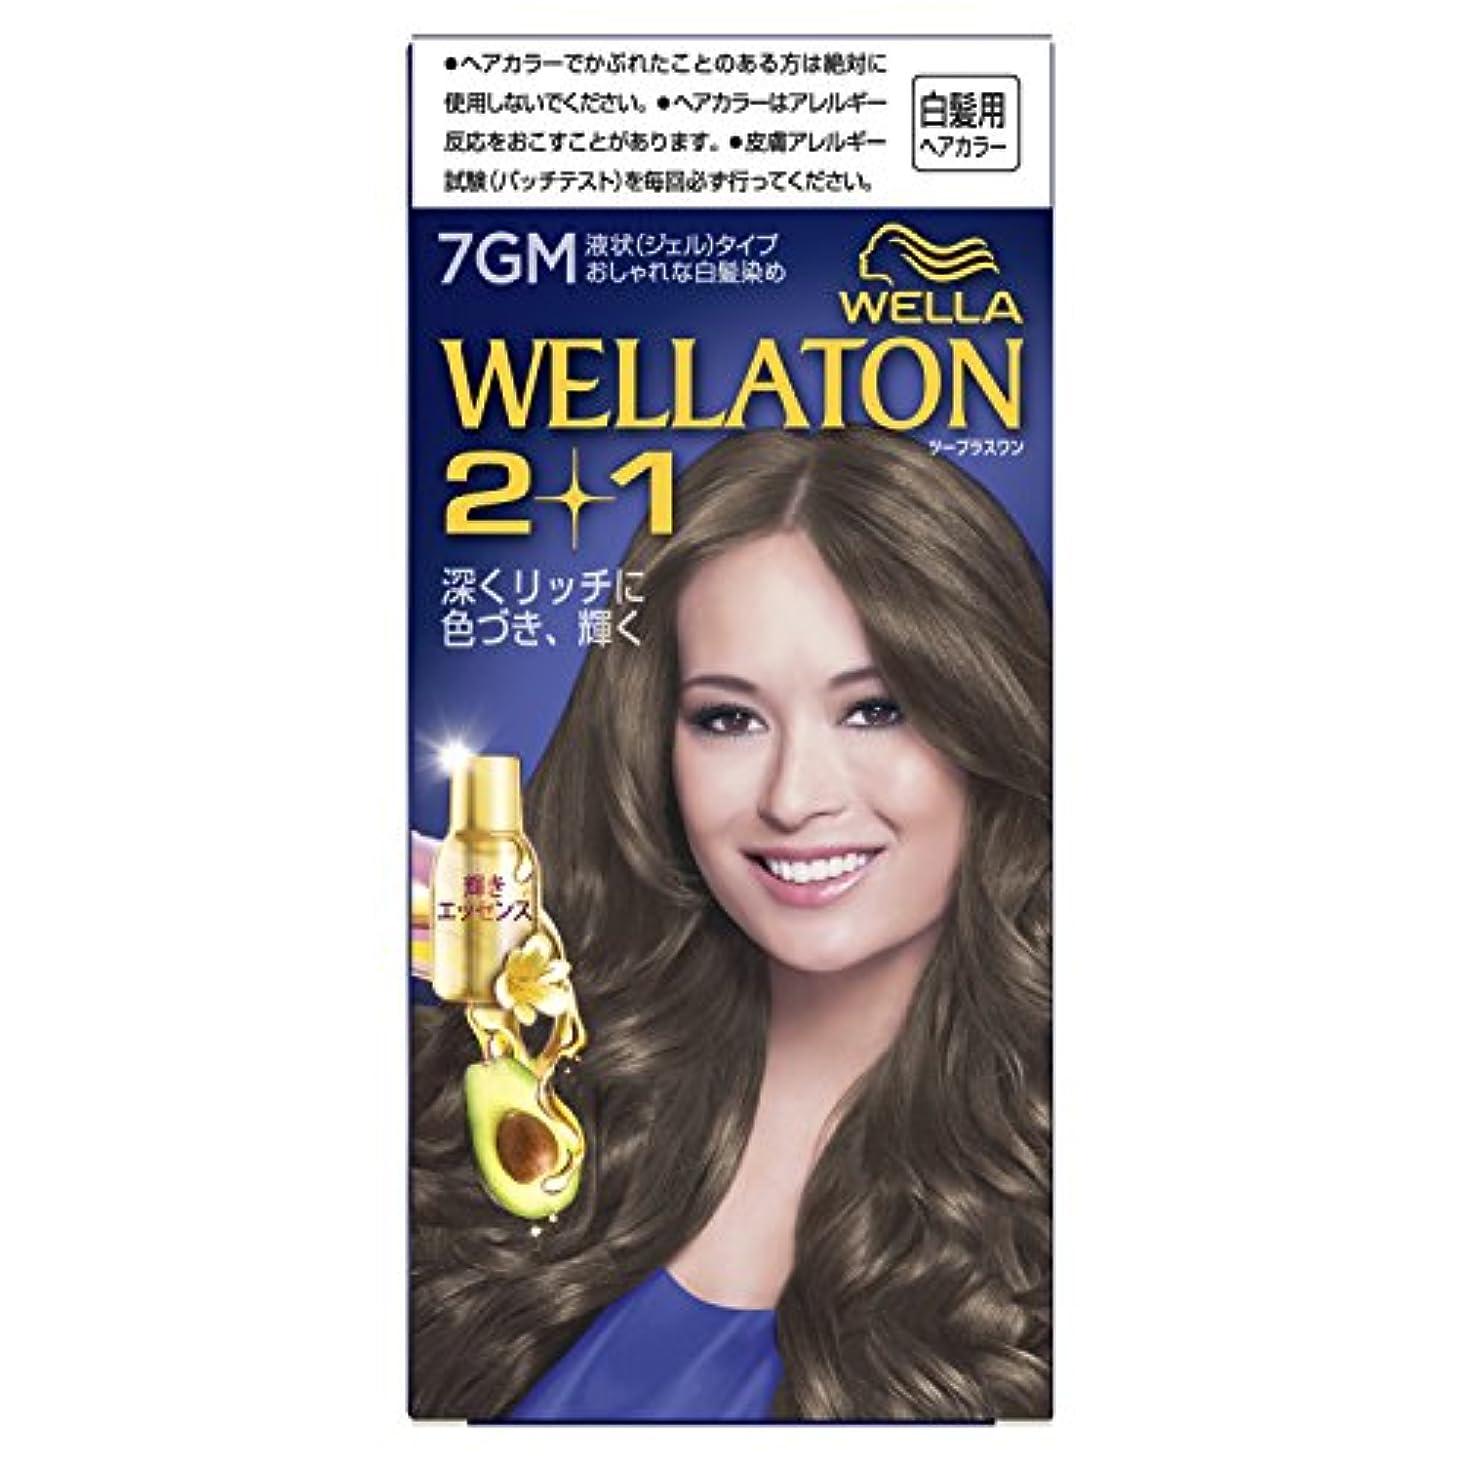 ハチ外側安らぎウエラトーン2+1 液状タイプ 7GM [医薬部外品](おしゃれな白髪染め)